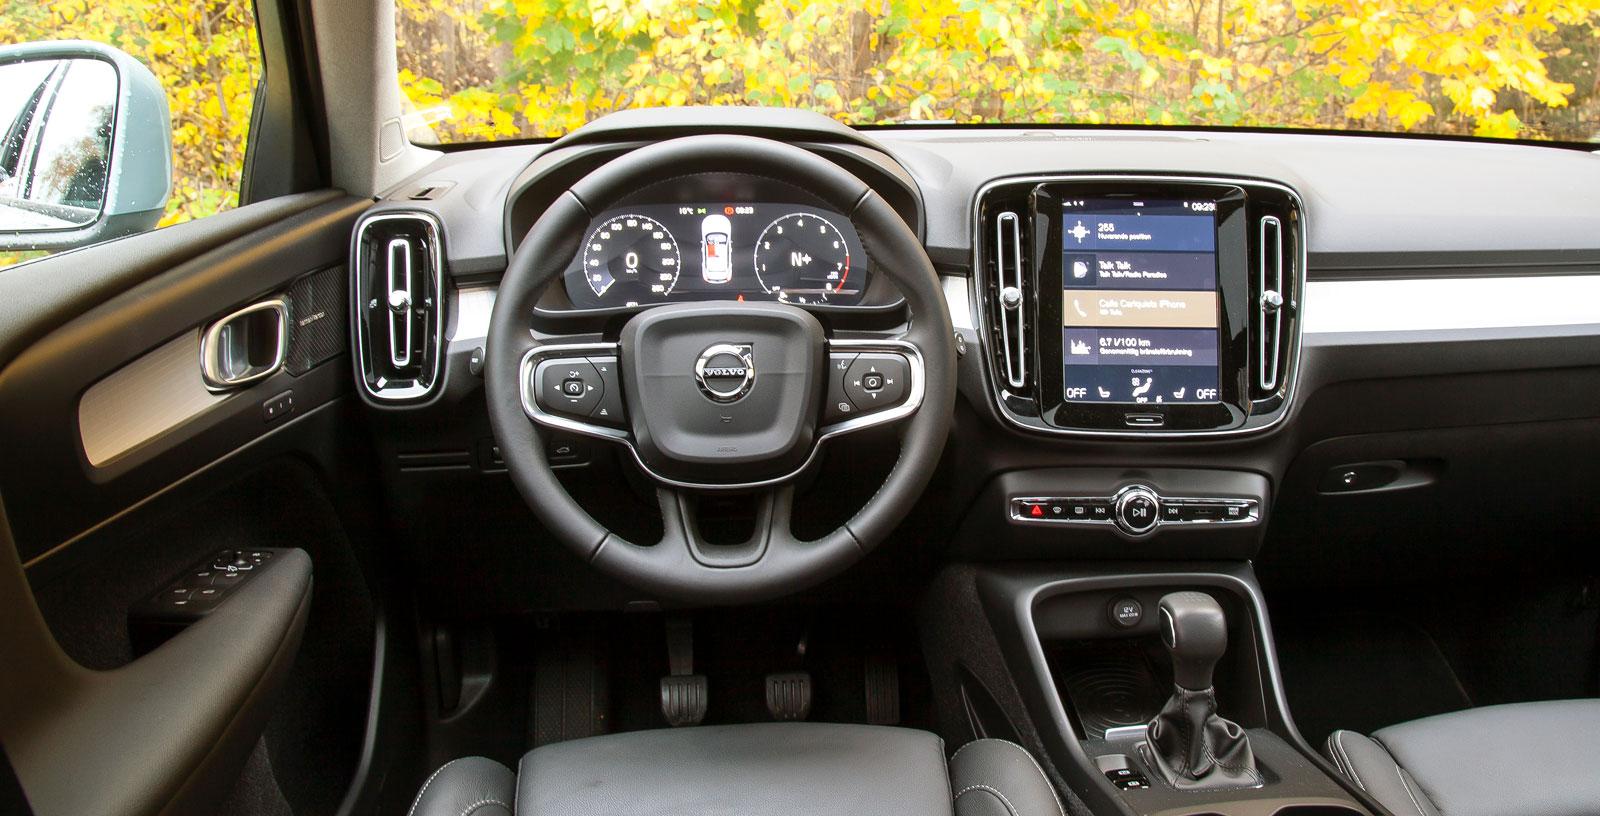 XC40:s förarmiljö är rensad på konventionella knappar och vred. Många  funktioner styrs istället från den stora och centralt placerade pekskärmen. (Bild 1, svep för jämförelse).